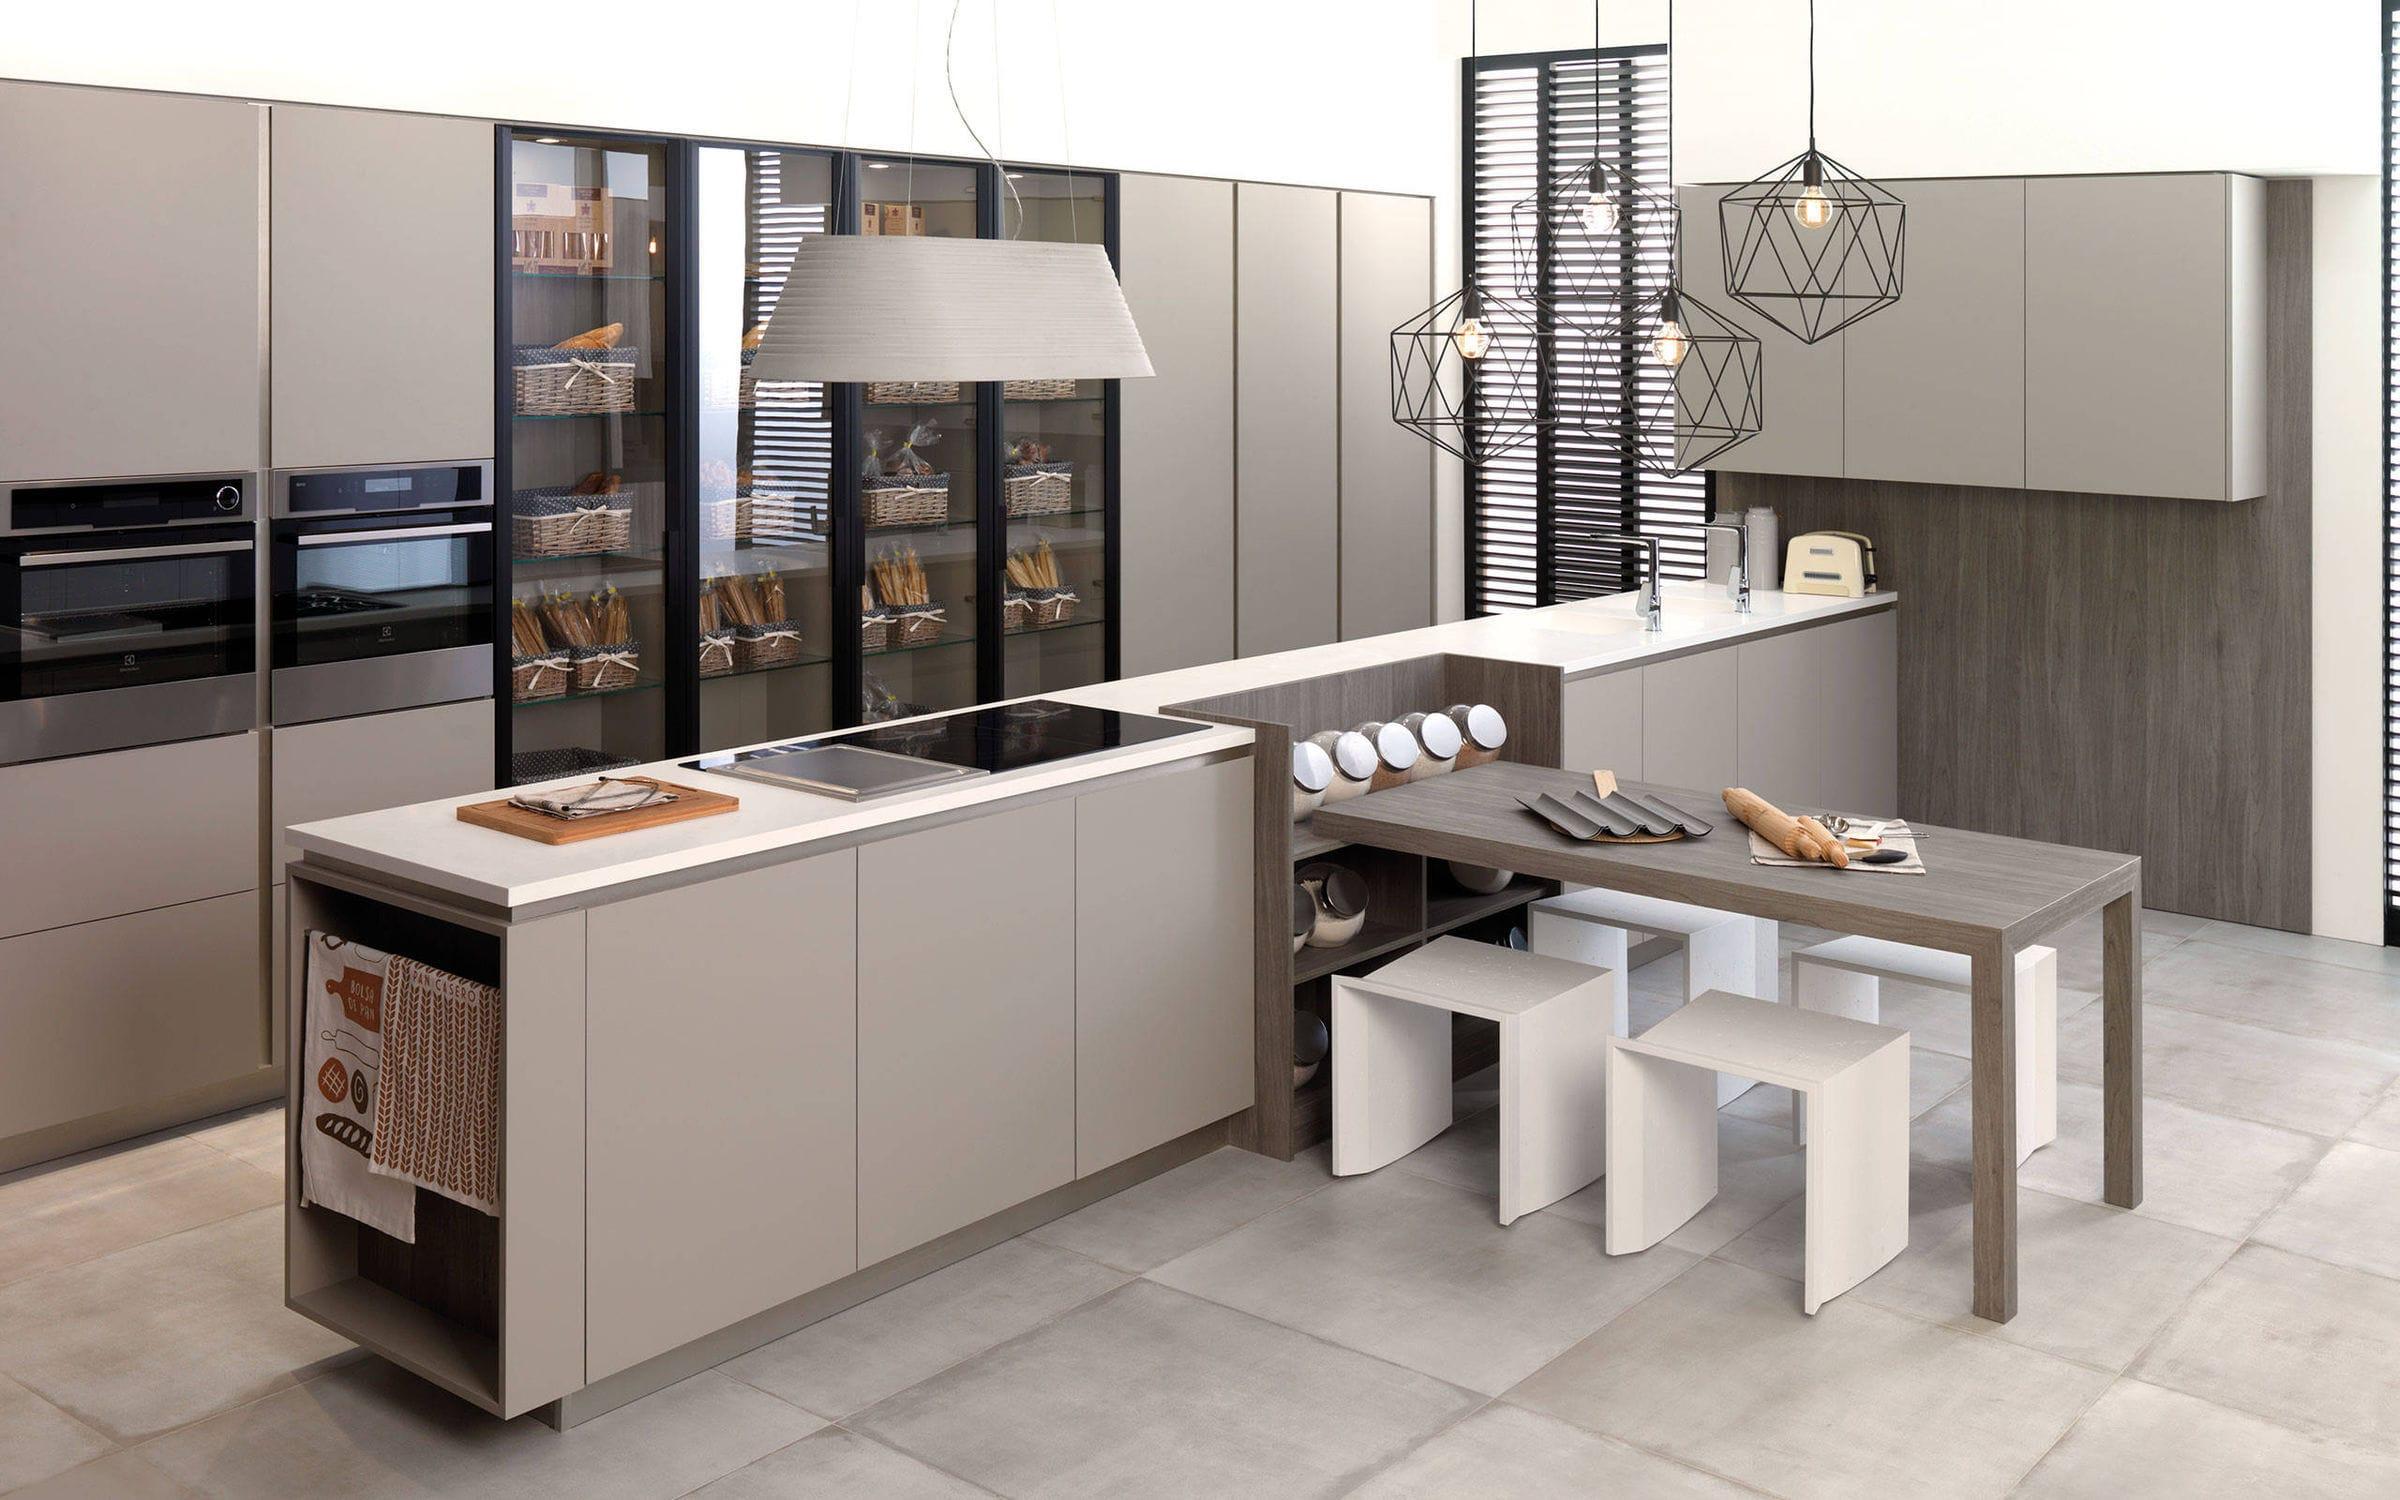 Cucina moderna / in legno / con isola / laccata - R3.90 - GAMADECOR ...